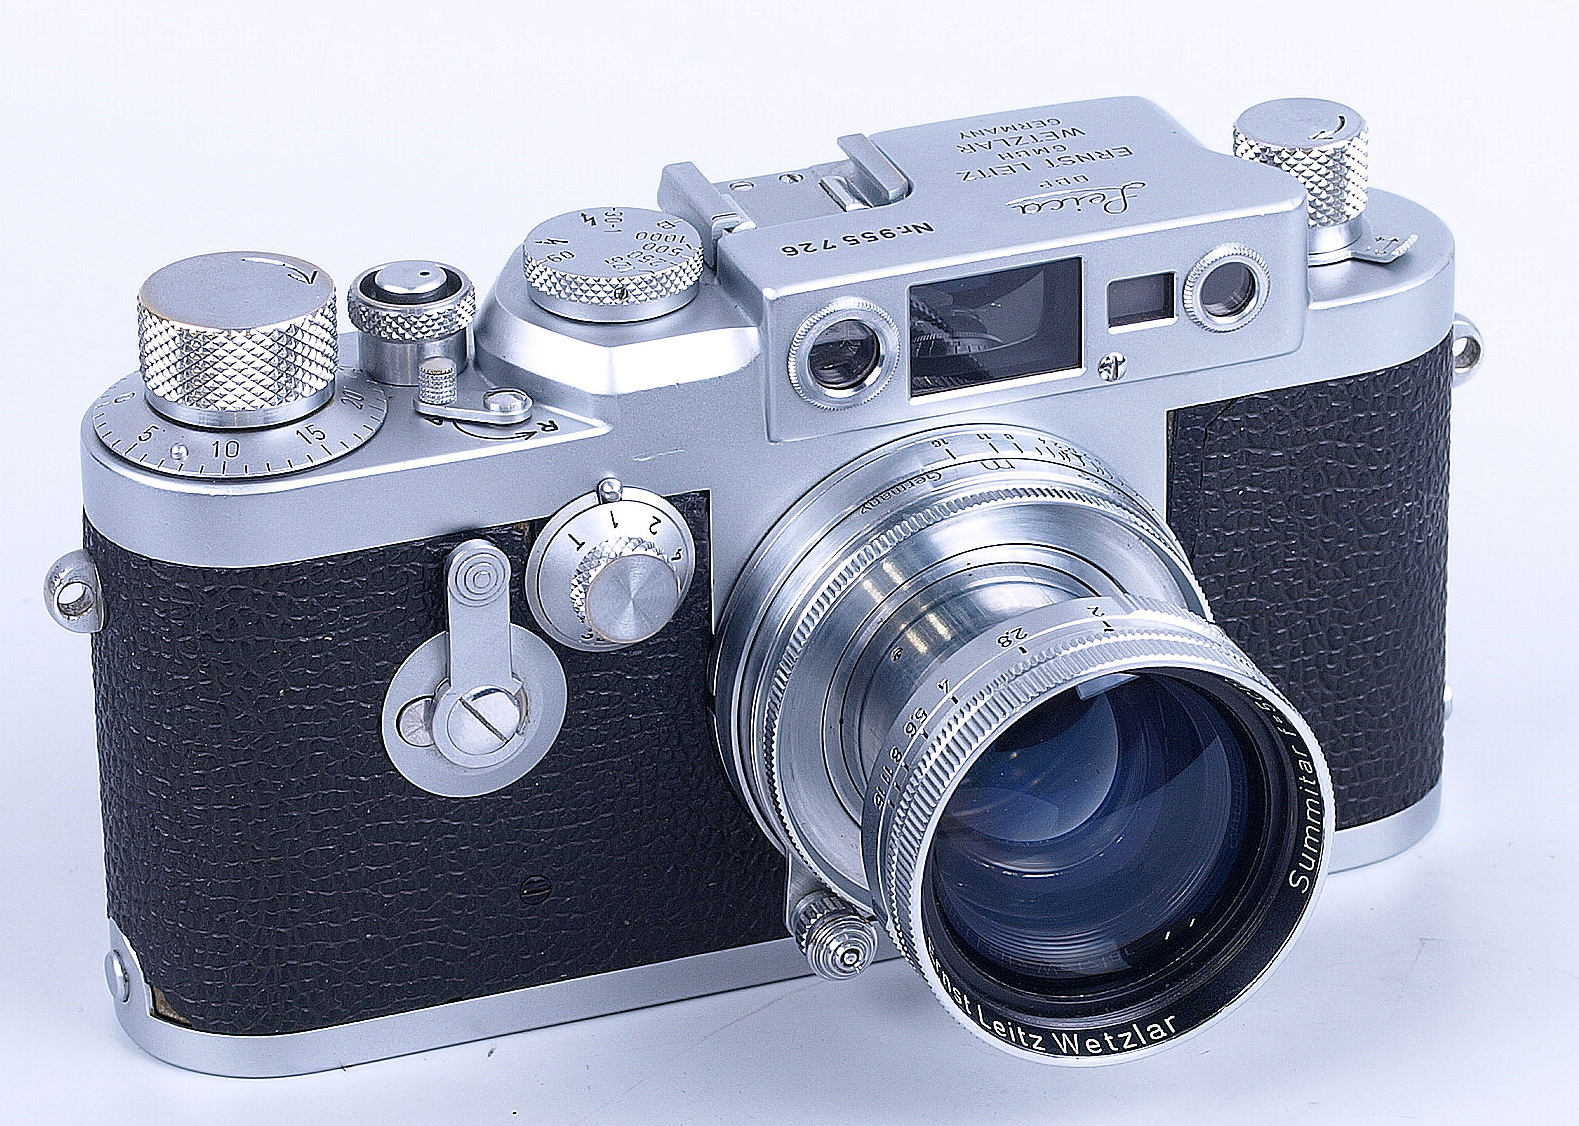 Leica rangefinder